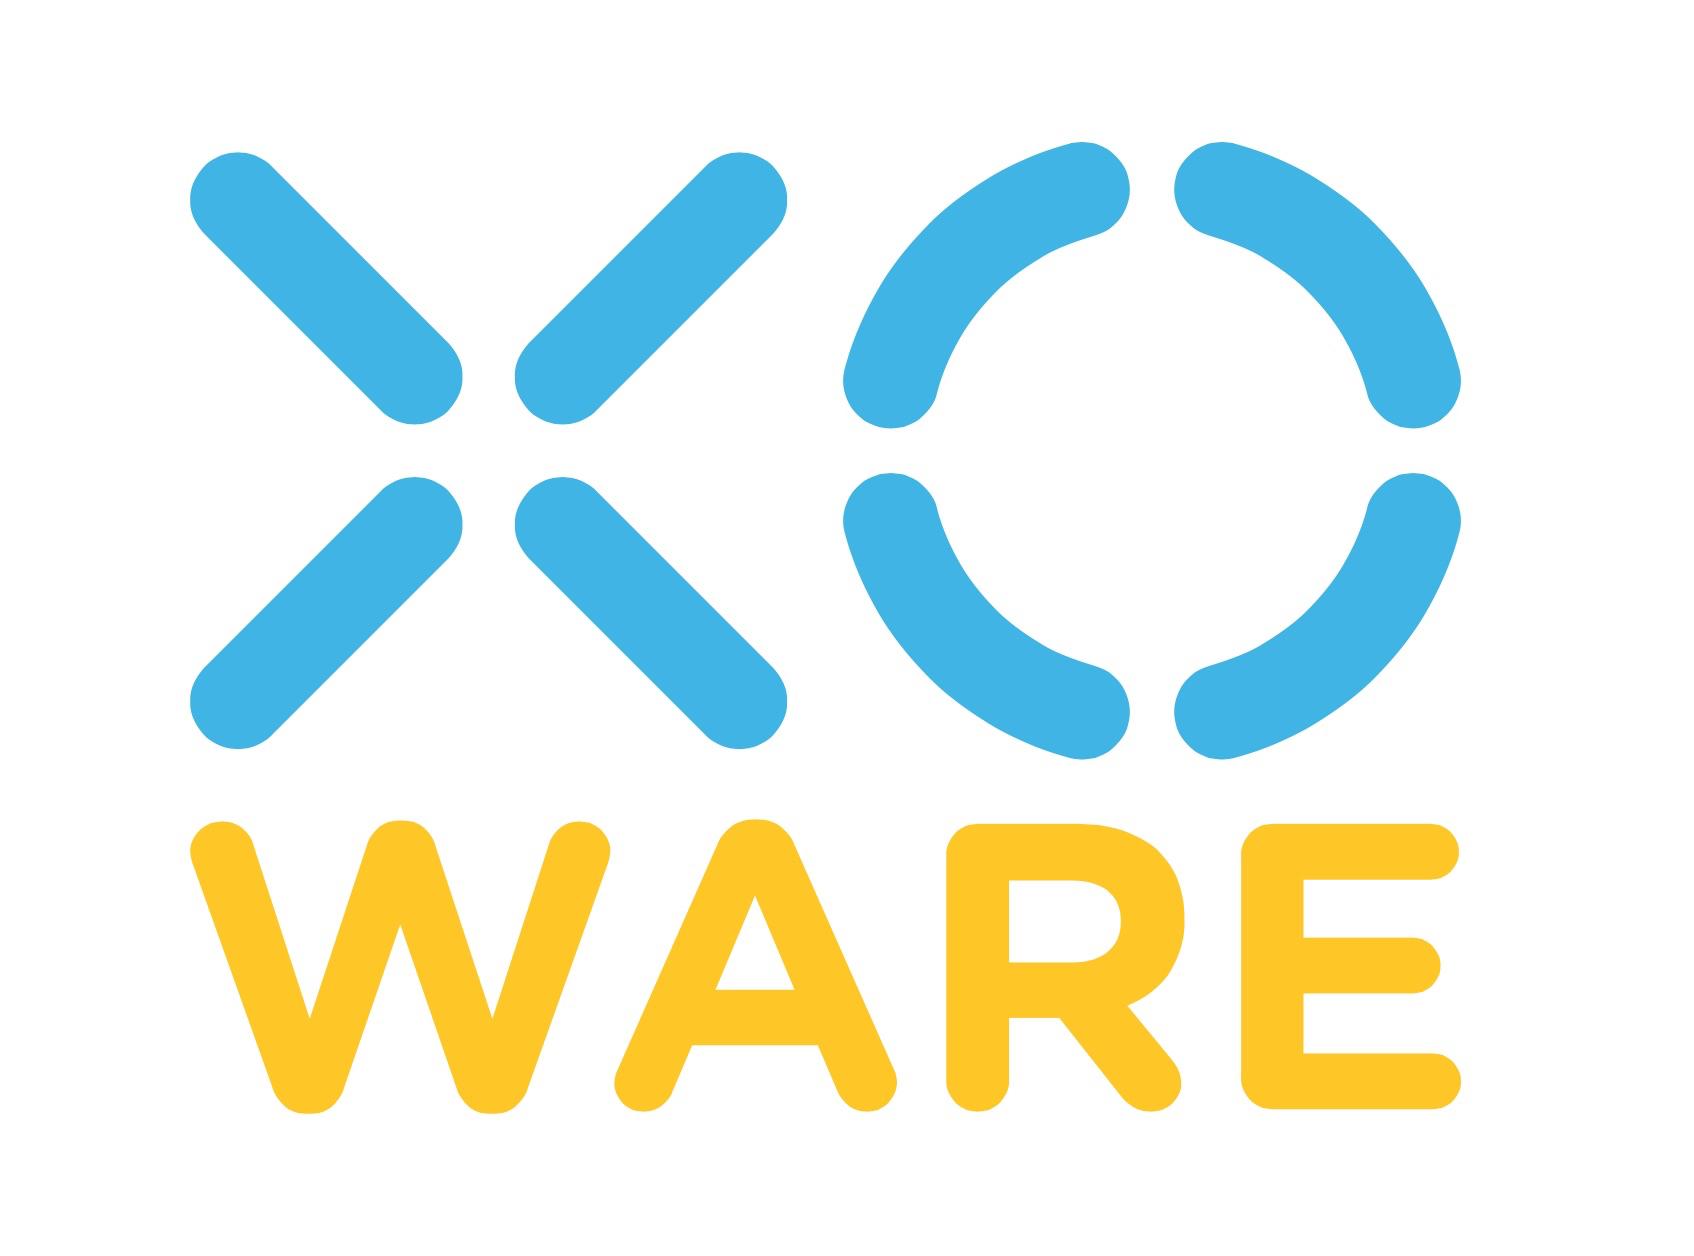 XOWARE End-to-End Encryption Hardware